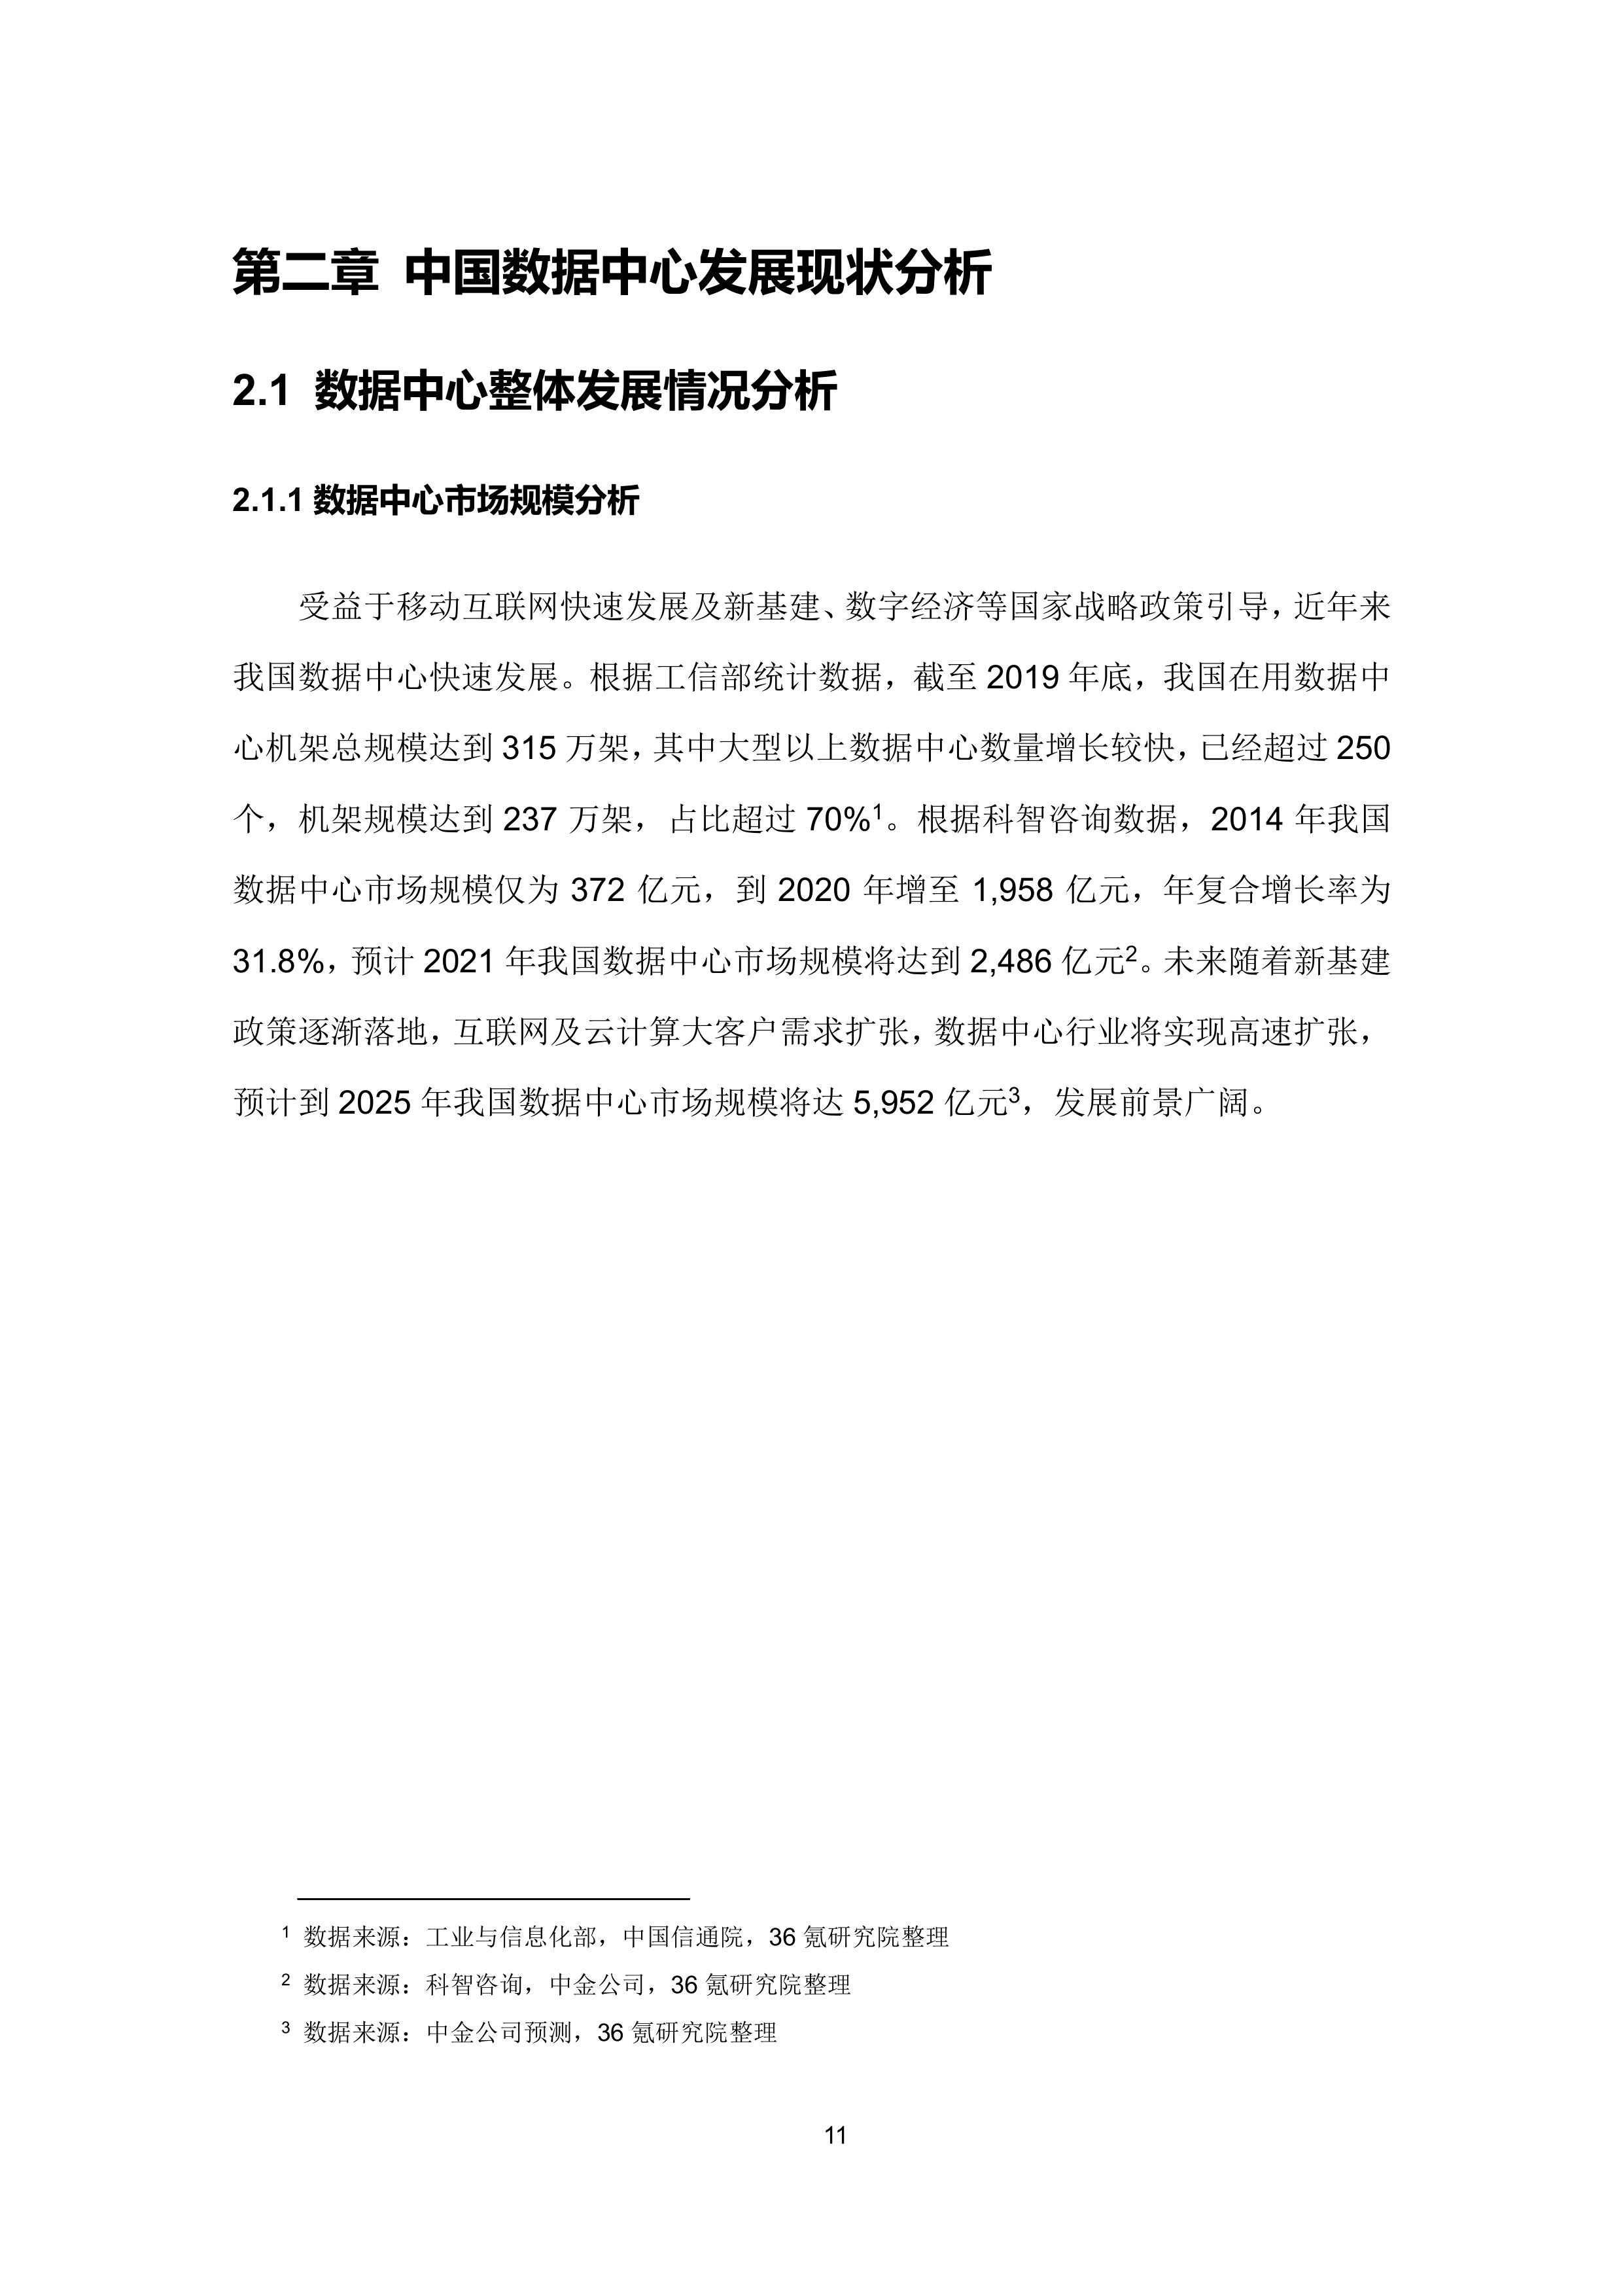 36氪研究院 - 新基建系列之:2020年中国城市数据中心发展指数报告-大菠萝官网(图22)